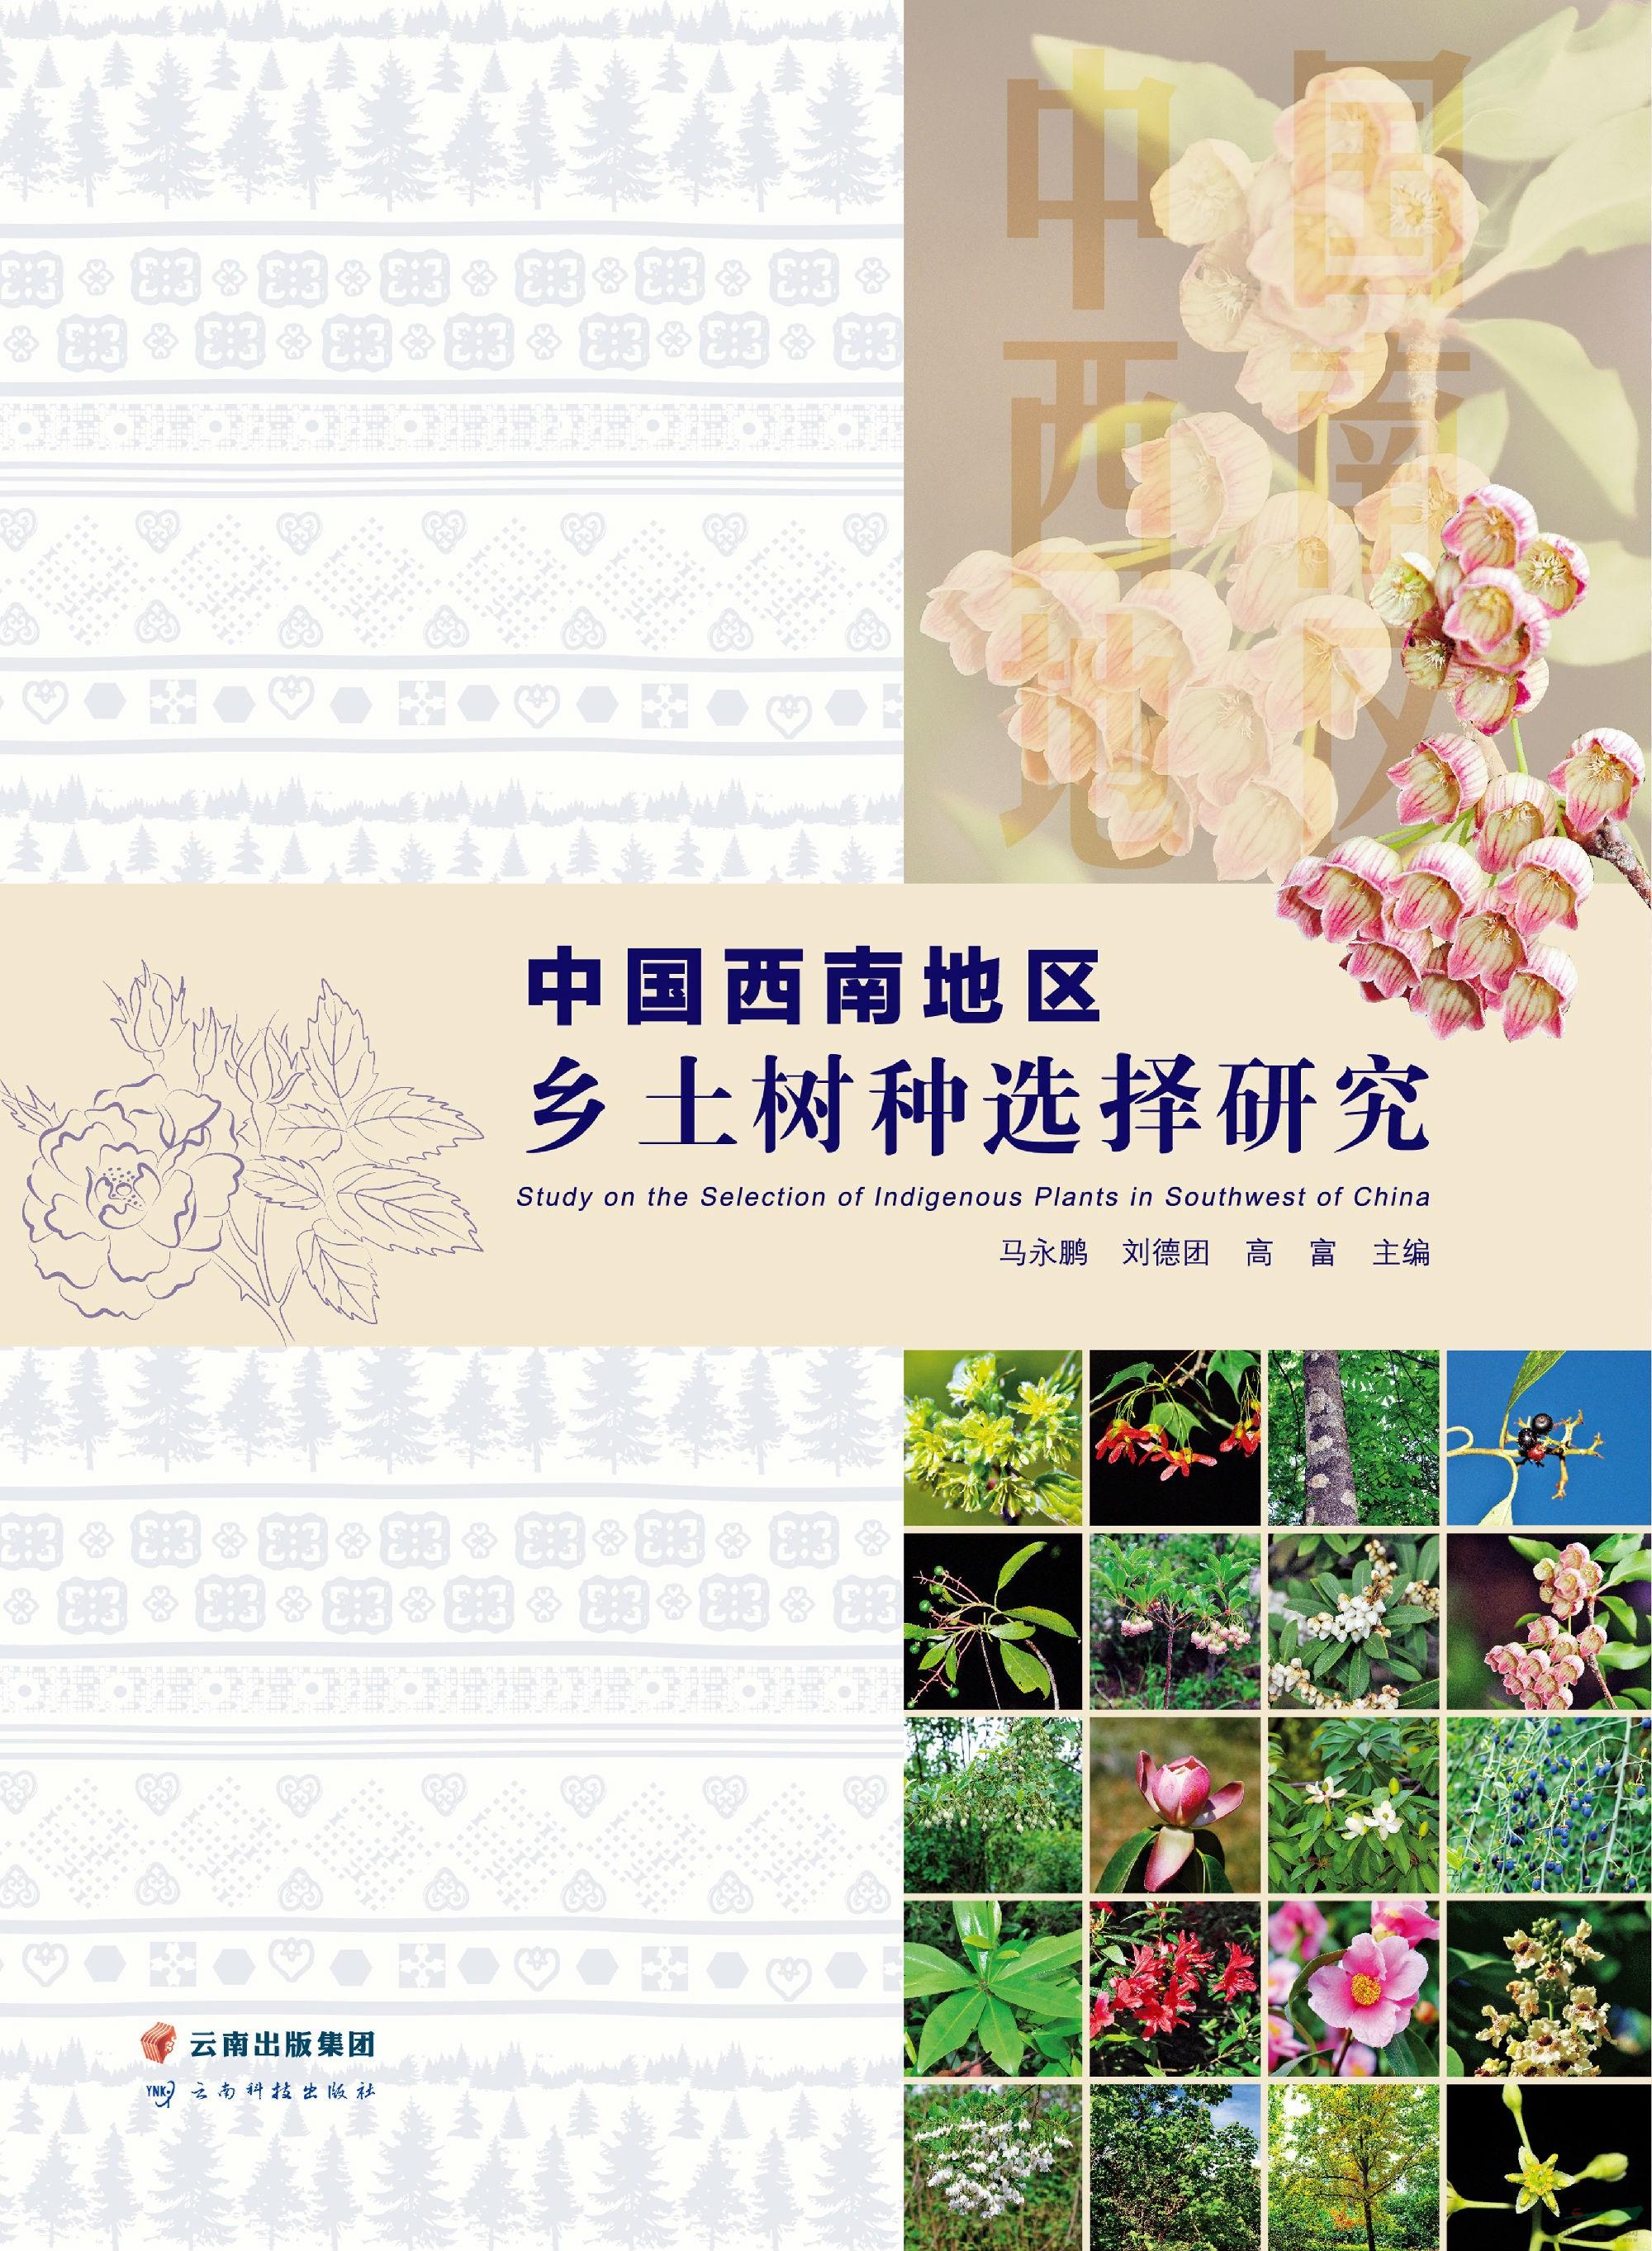 《中国西南地区乡土树种选择研究》出版